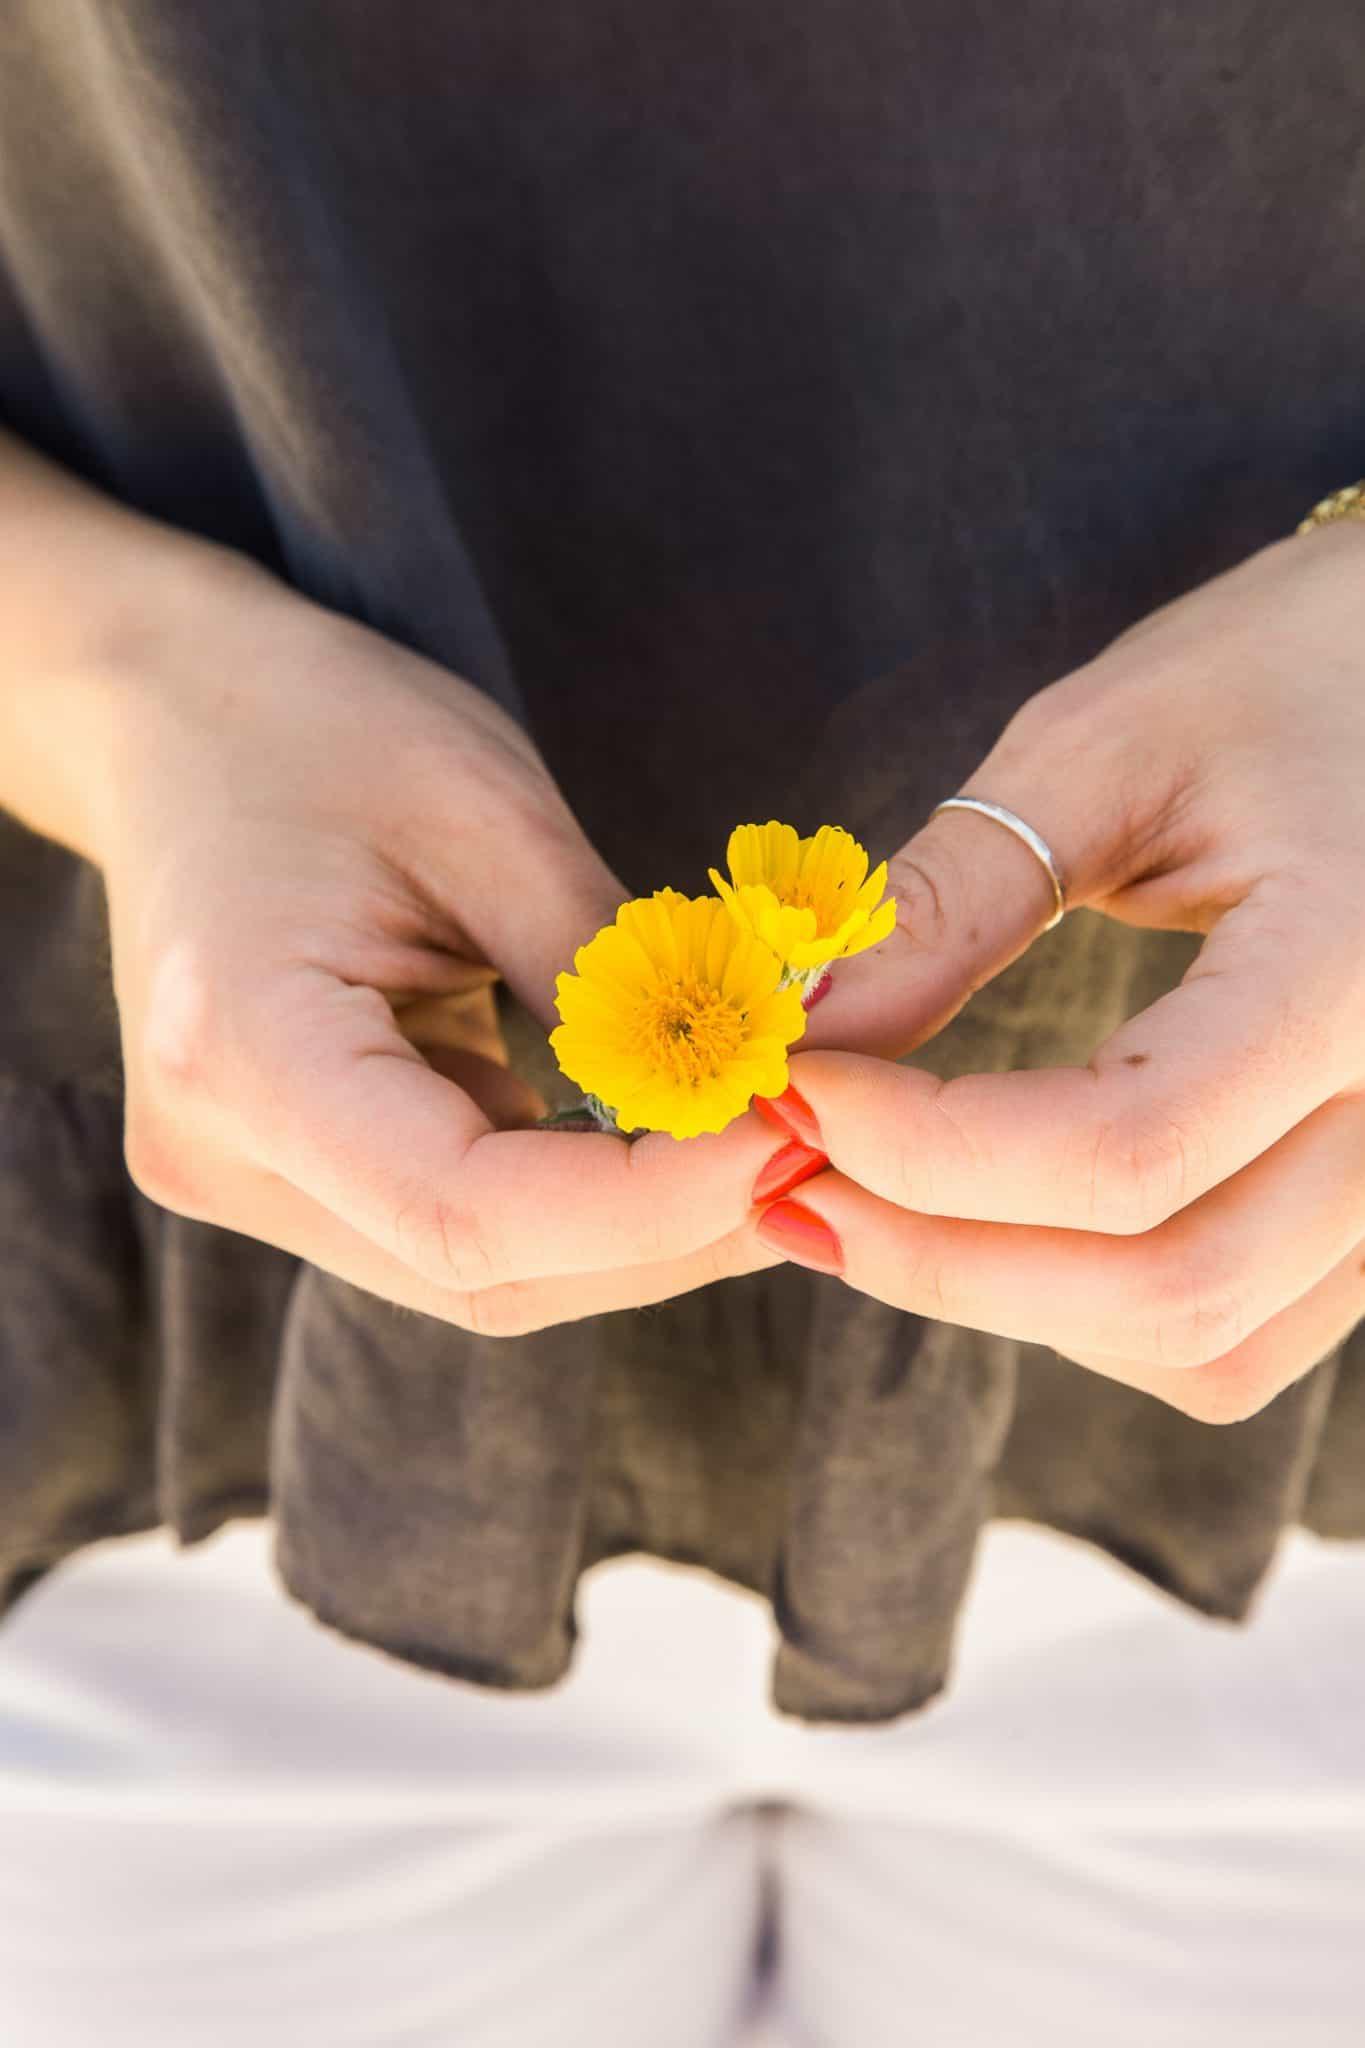 desert flower - yellow flowers - My Style Vita @mystylevita